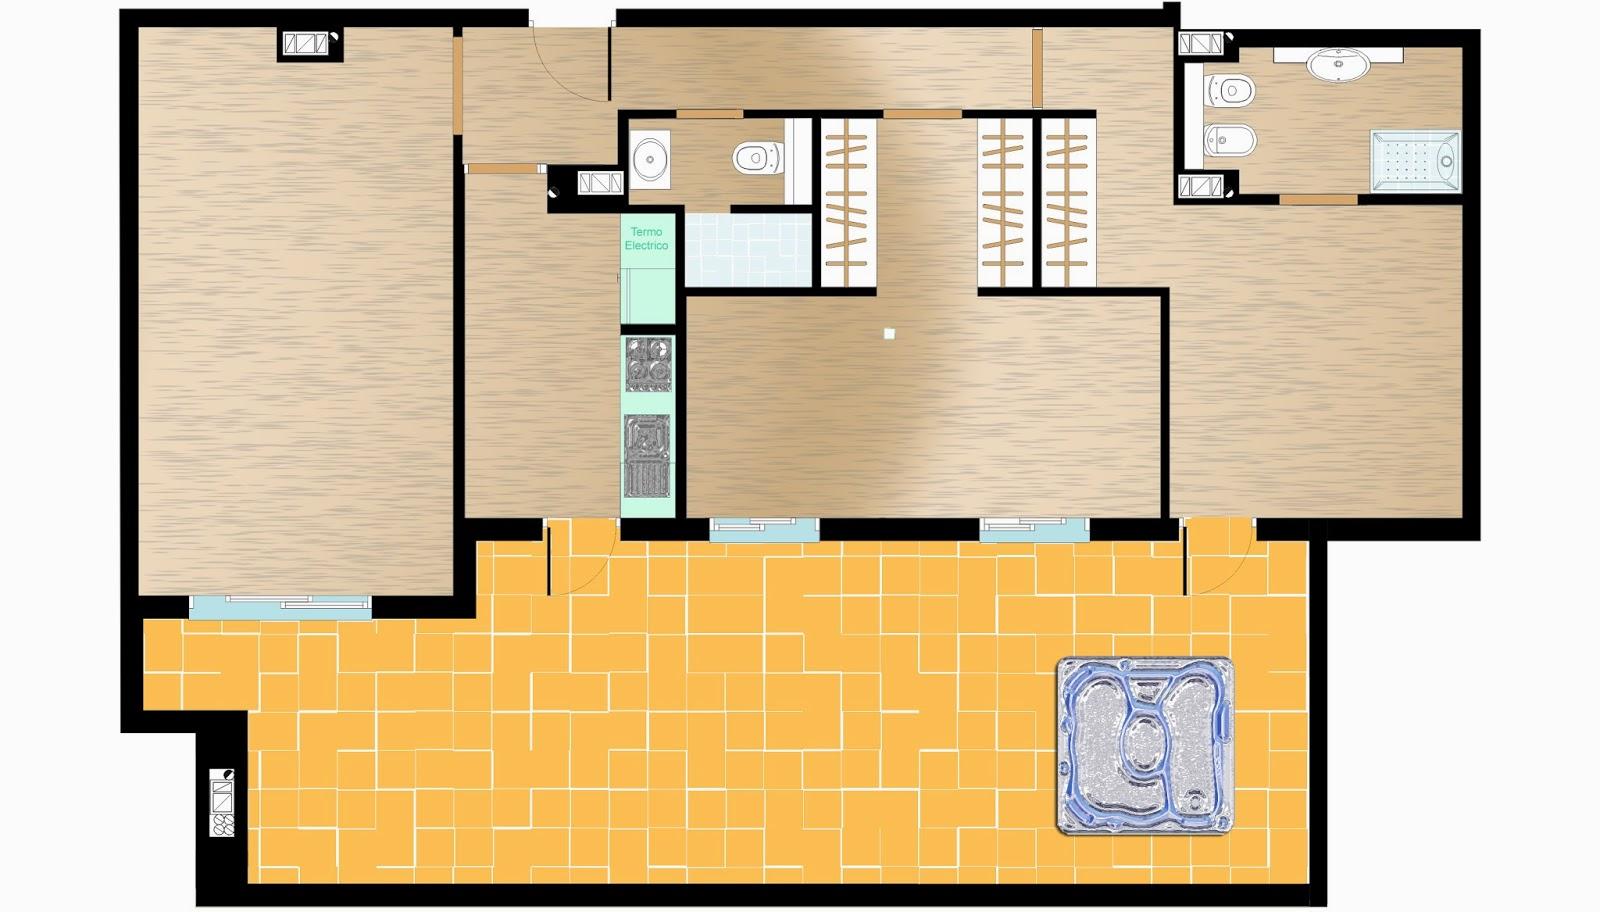 excepto baos luminoso tranquilo en origen eran dormitorios se ha unido habitacin doble con simple para amortizar el espacio with venta jacuzzi exterior